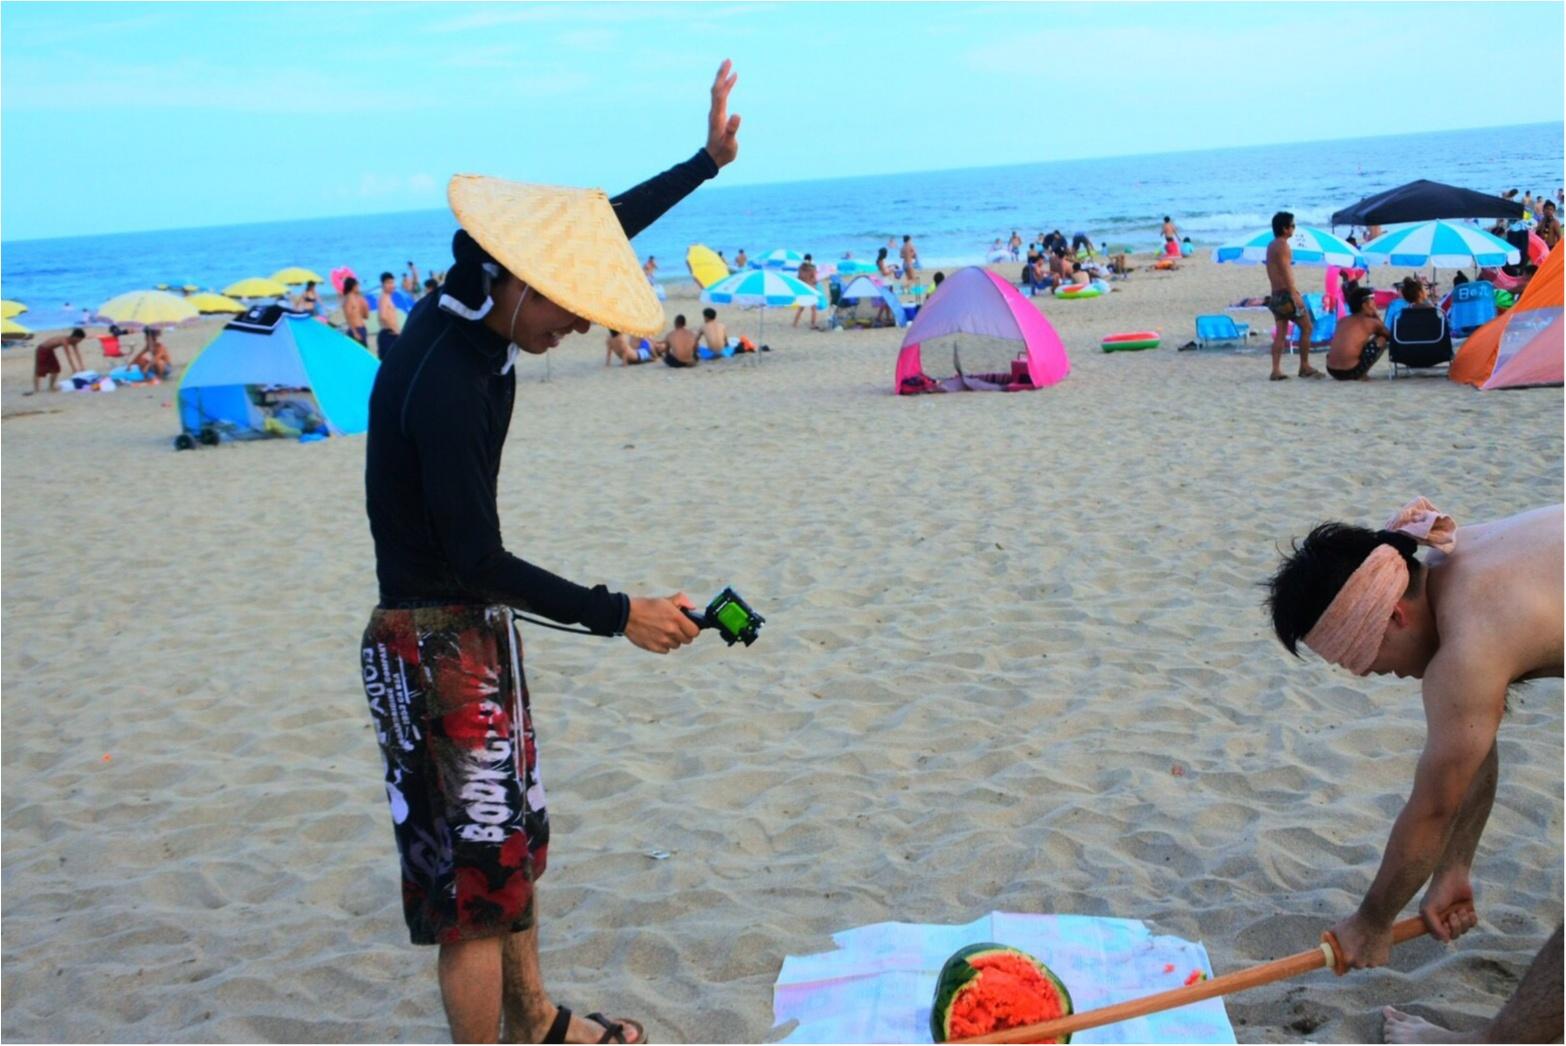 暑い陽射しの海も○○○があれば快適✨あの童謡で有名な【*御宿海岸*】で夏を満喫してきました♪_8